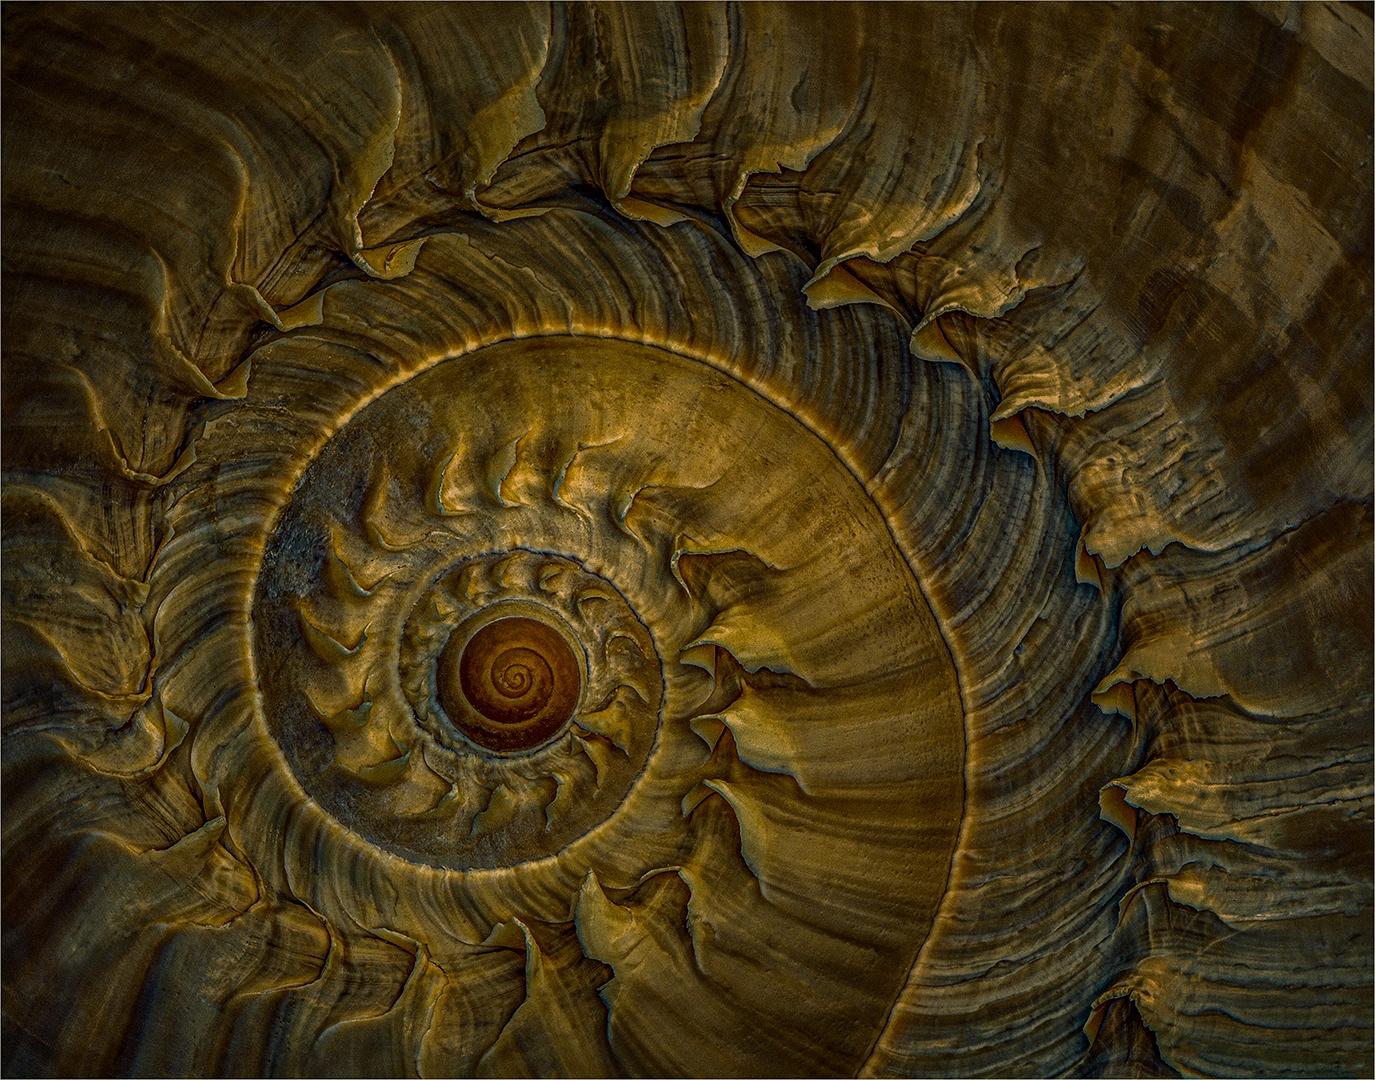 Spiral of Life-John Mills